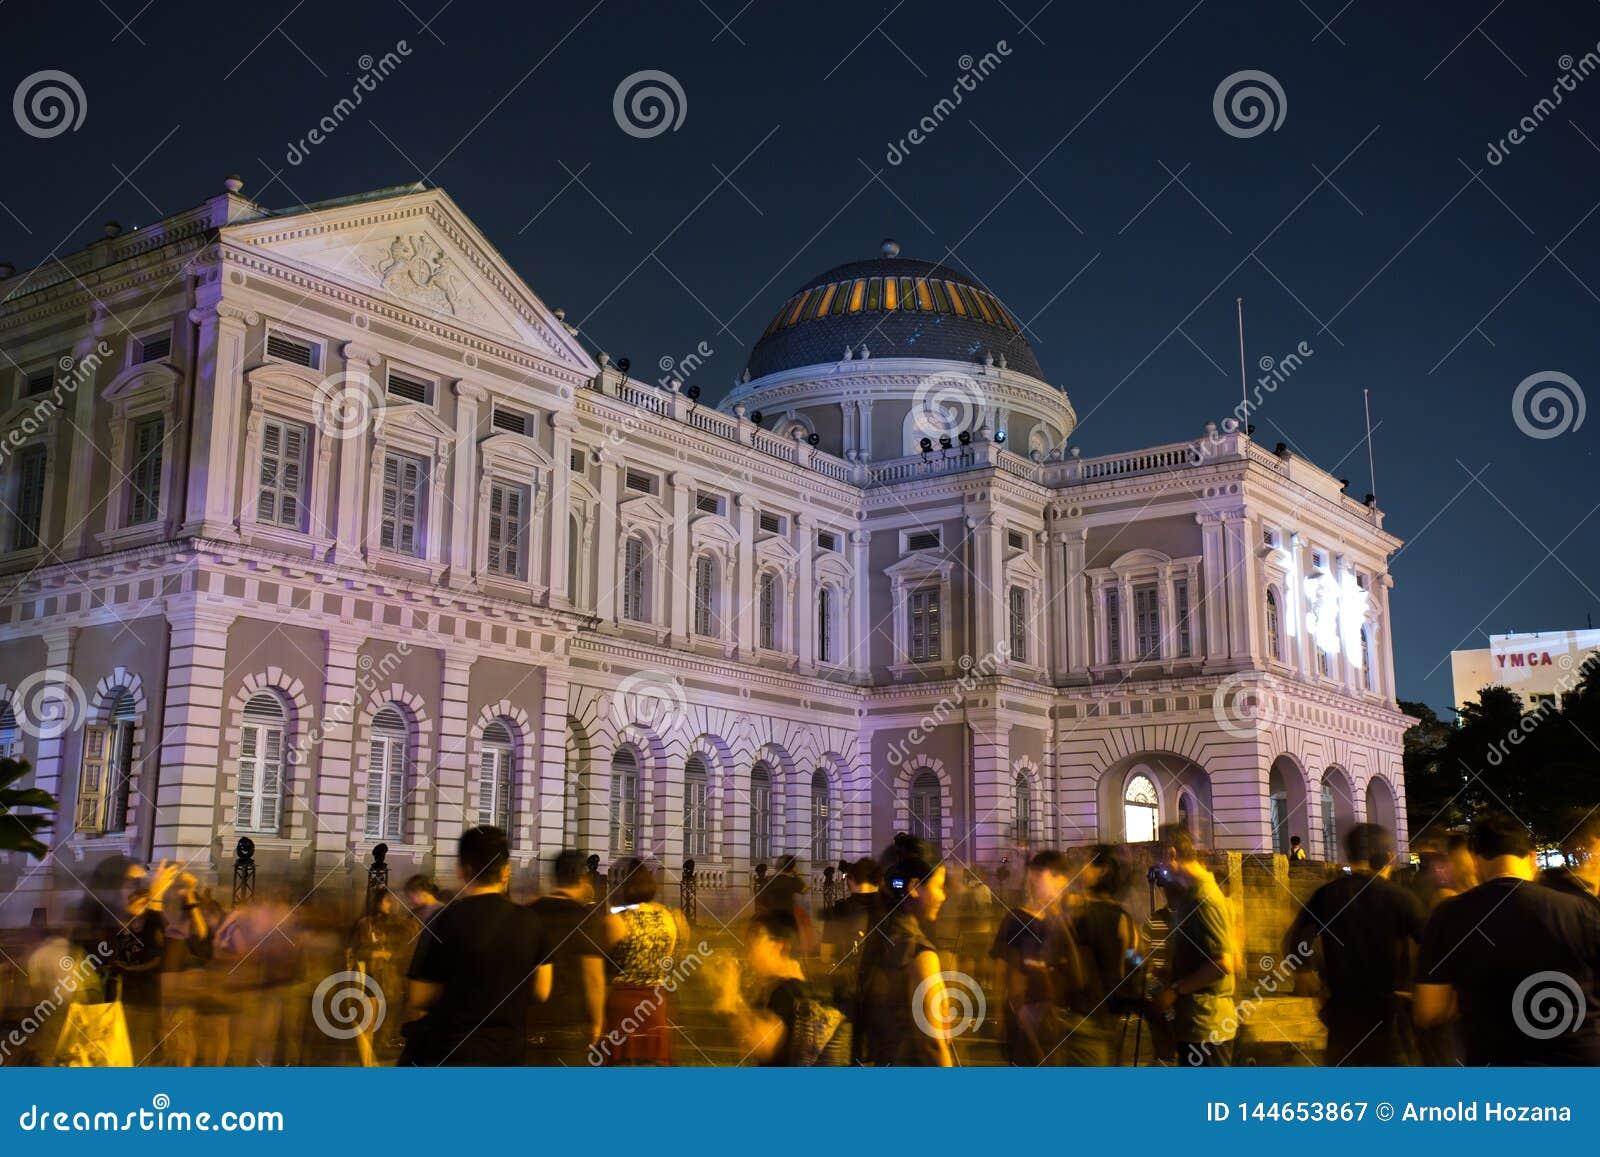 Singapur muzeum - noc festiwal